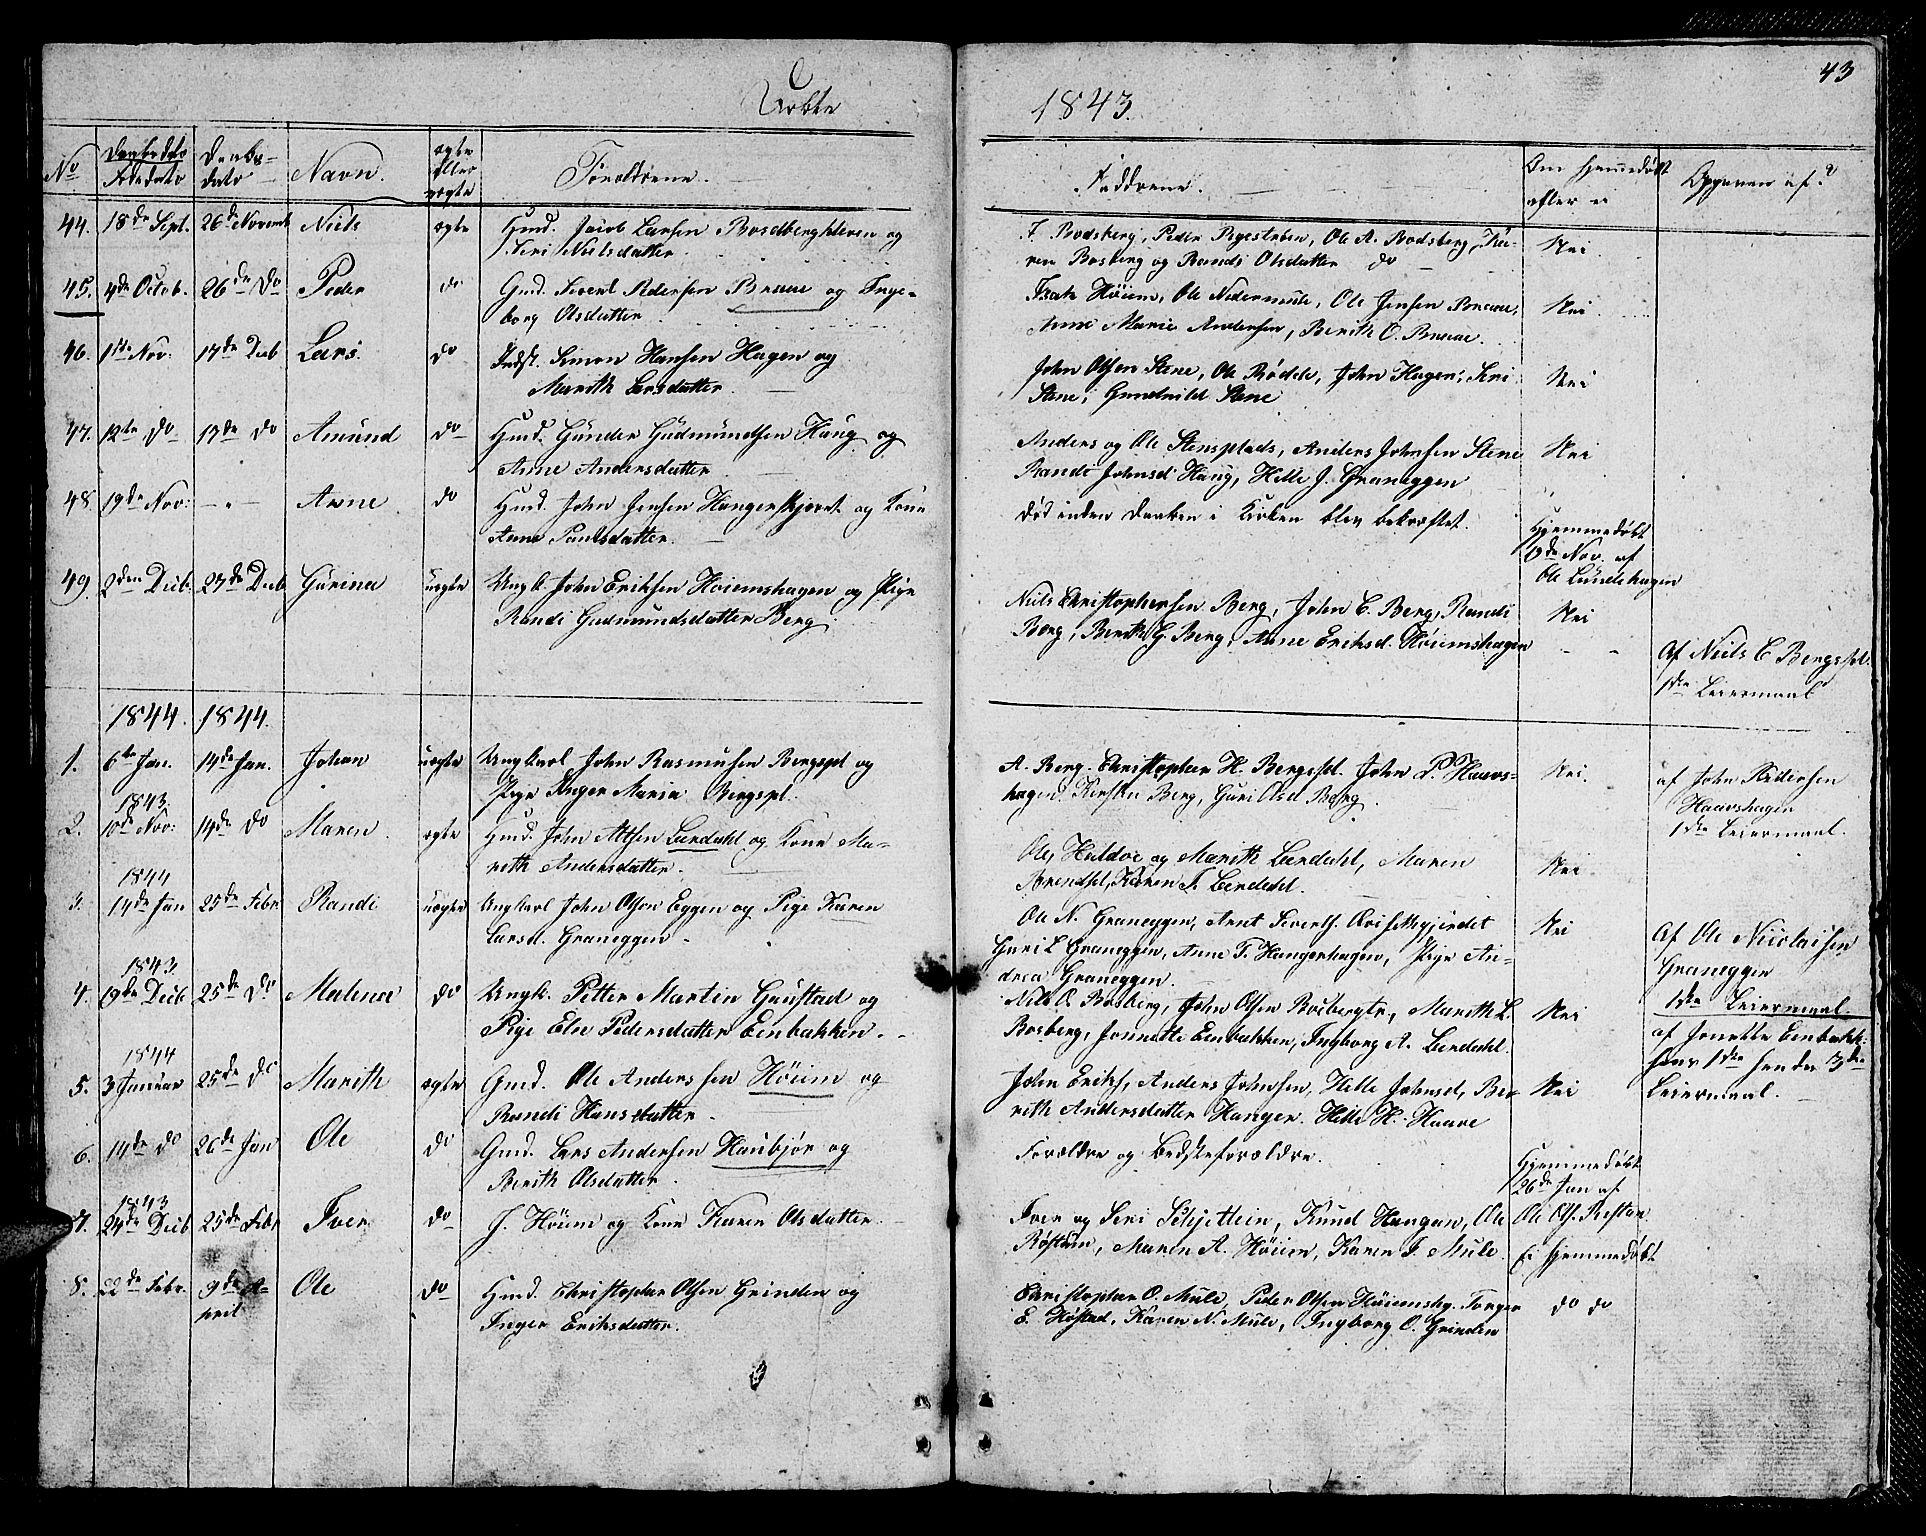 SAT, Ministerialprotokoller, klokkerbøker og fødselsregistre - Sør-Trøndelag, 612/L0386: Klokkerbok nr. 612C02, 1834-1845, s. 43